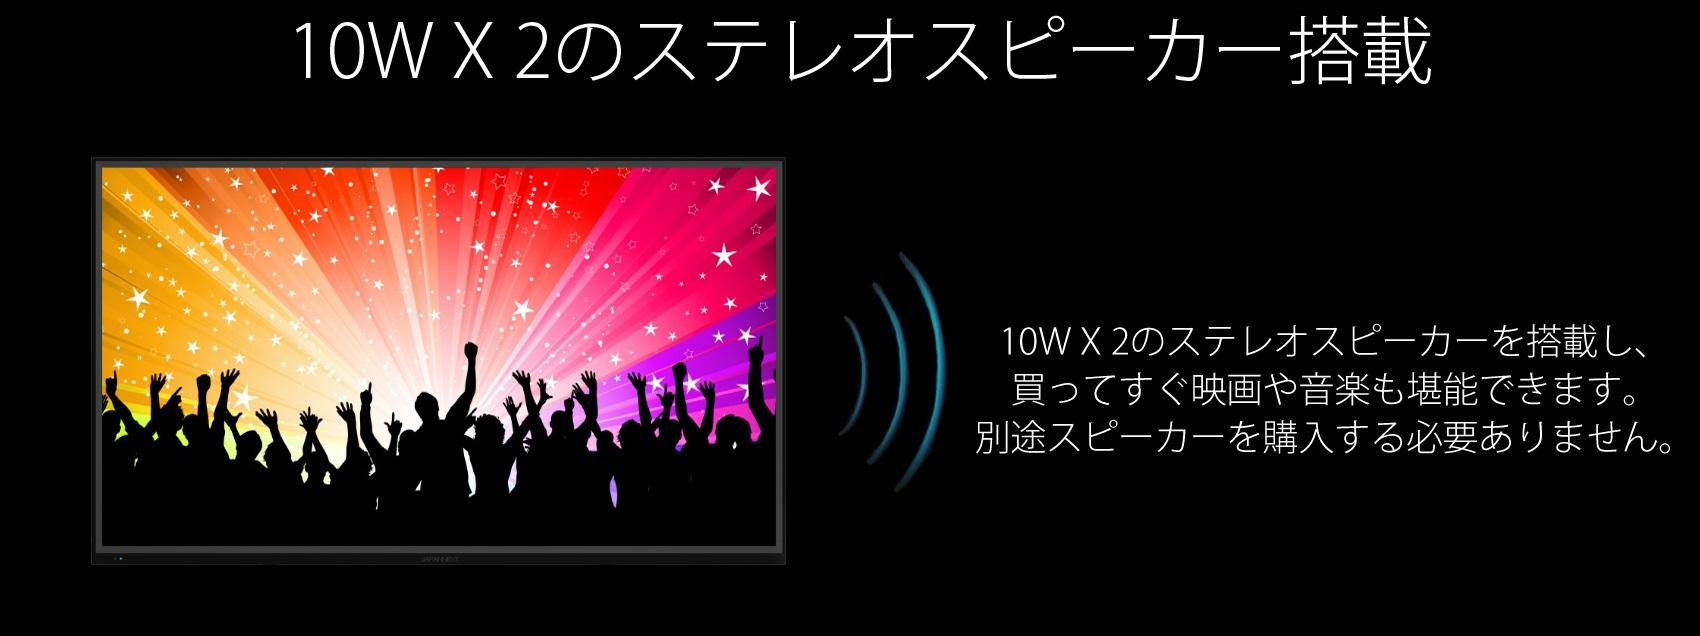 8W X 2のステレオスピーカー搭載 8W X 2のステレオスピーカーを搭載し、買ってすぐ映画や音楽も堪能できます。別途スピーカーを購入する必要ありません。